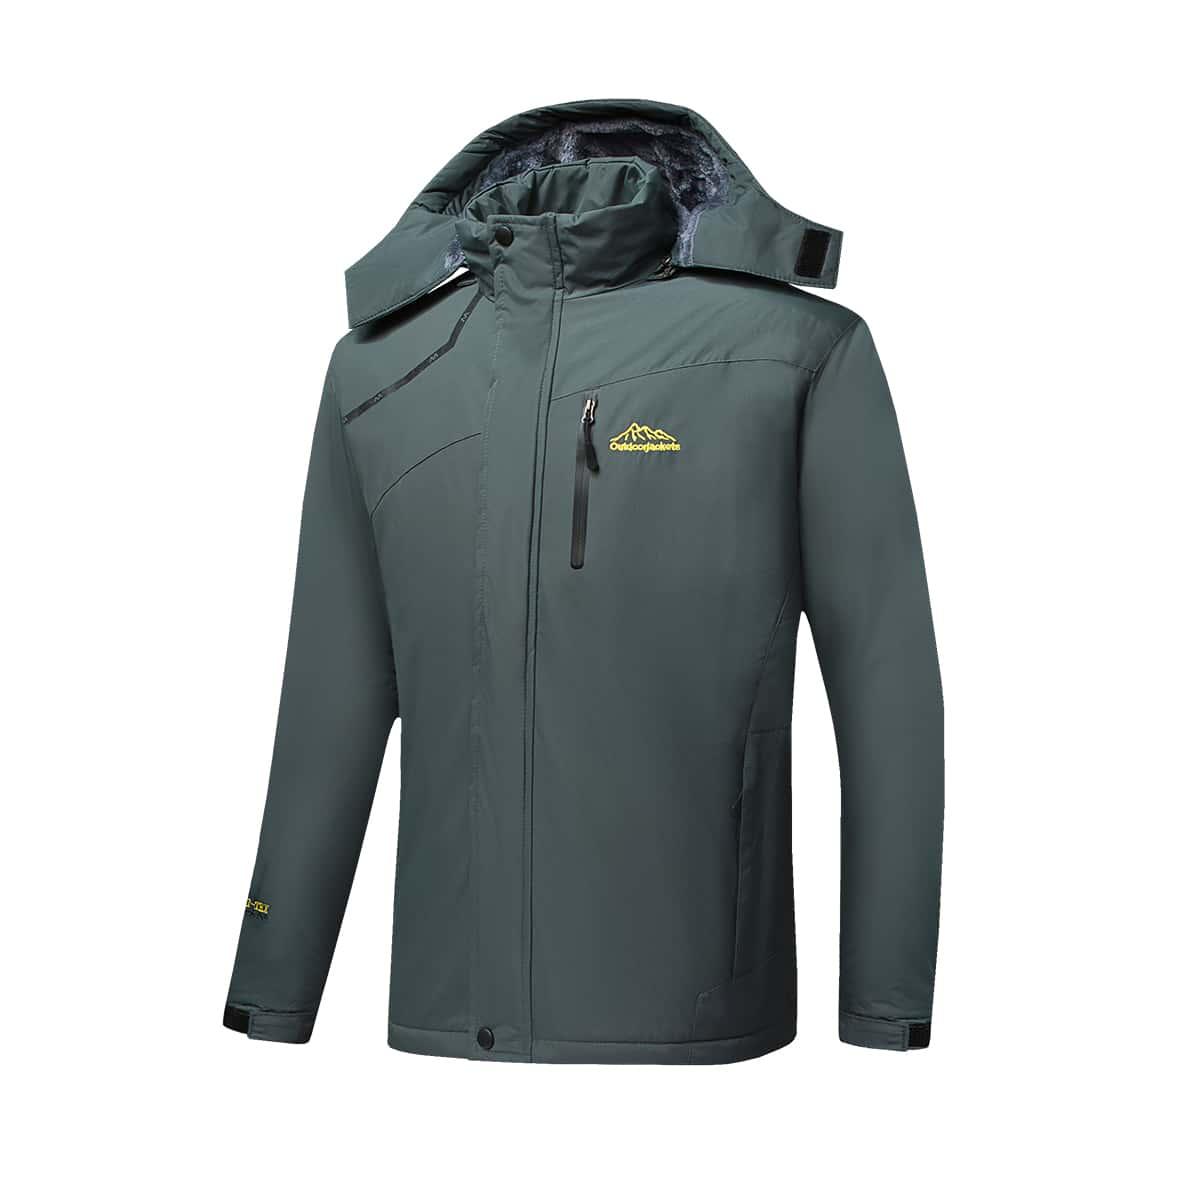 Мужская водонепроницаемая куртка с капюшоном и плюшевой подкладкой